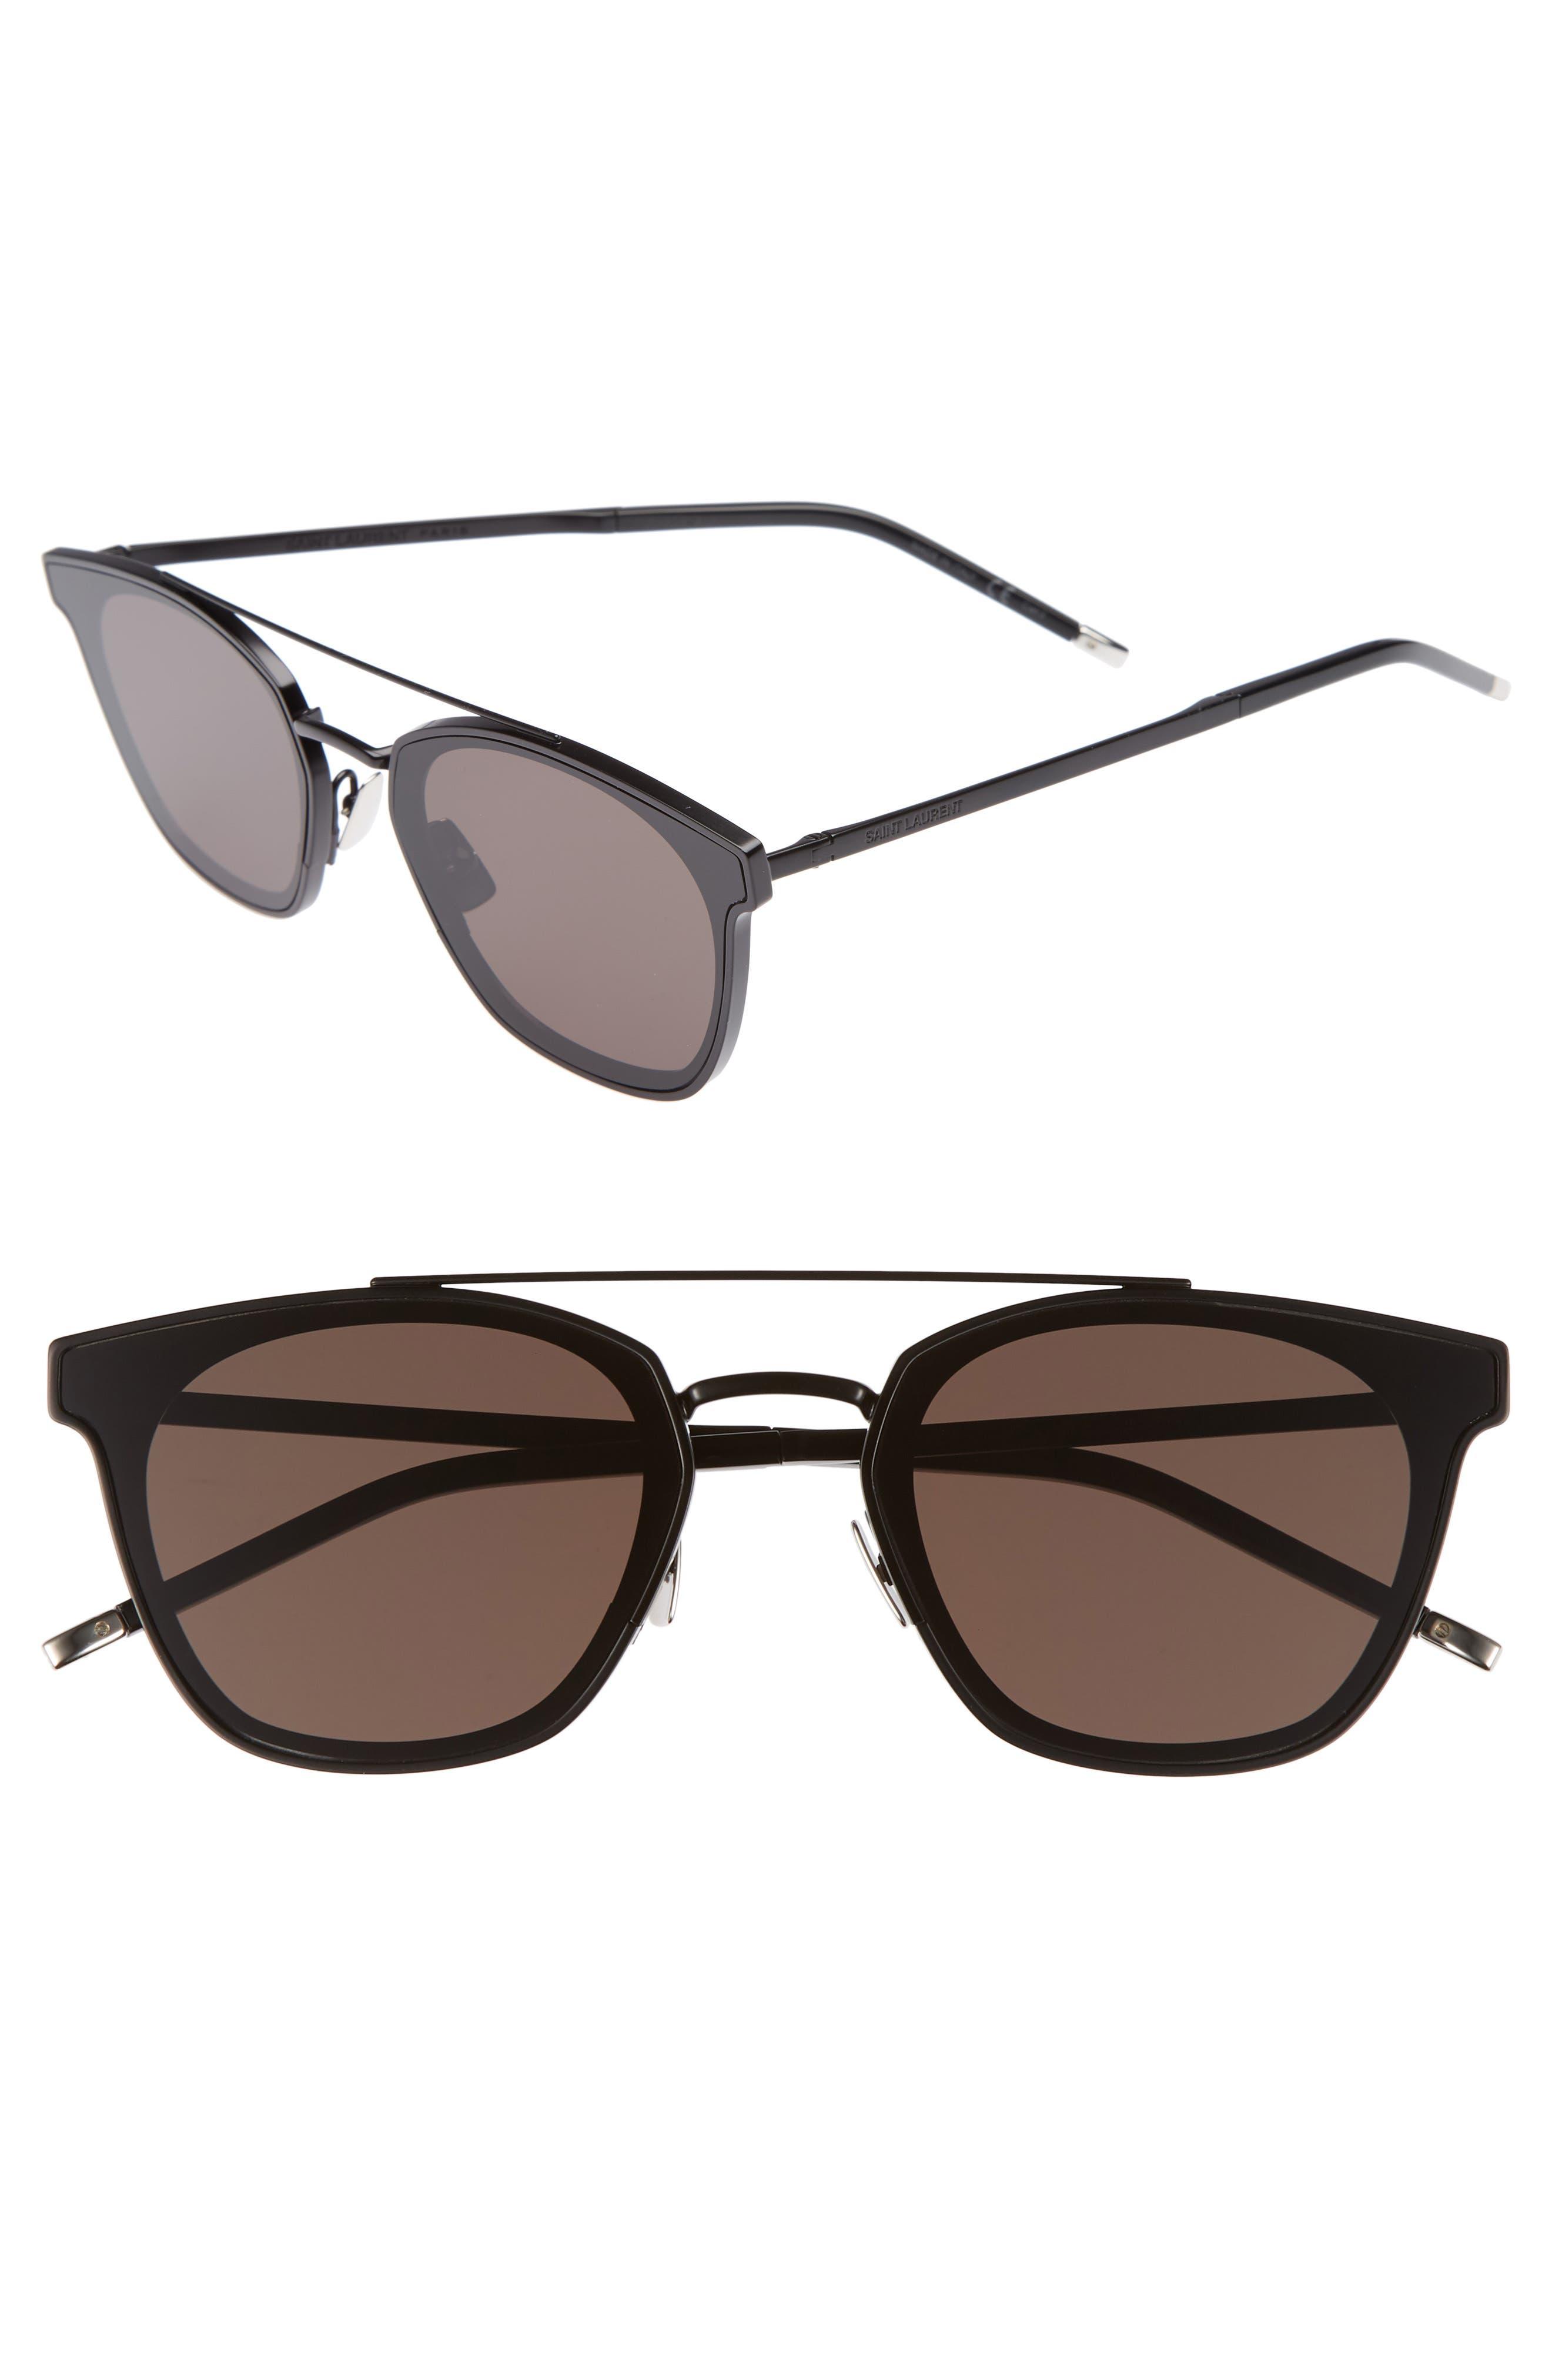 SL 28 61mm Polarized Sunglasses,                             Main thumbnail 1, color,                             BLACK